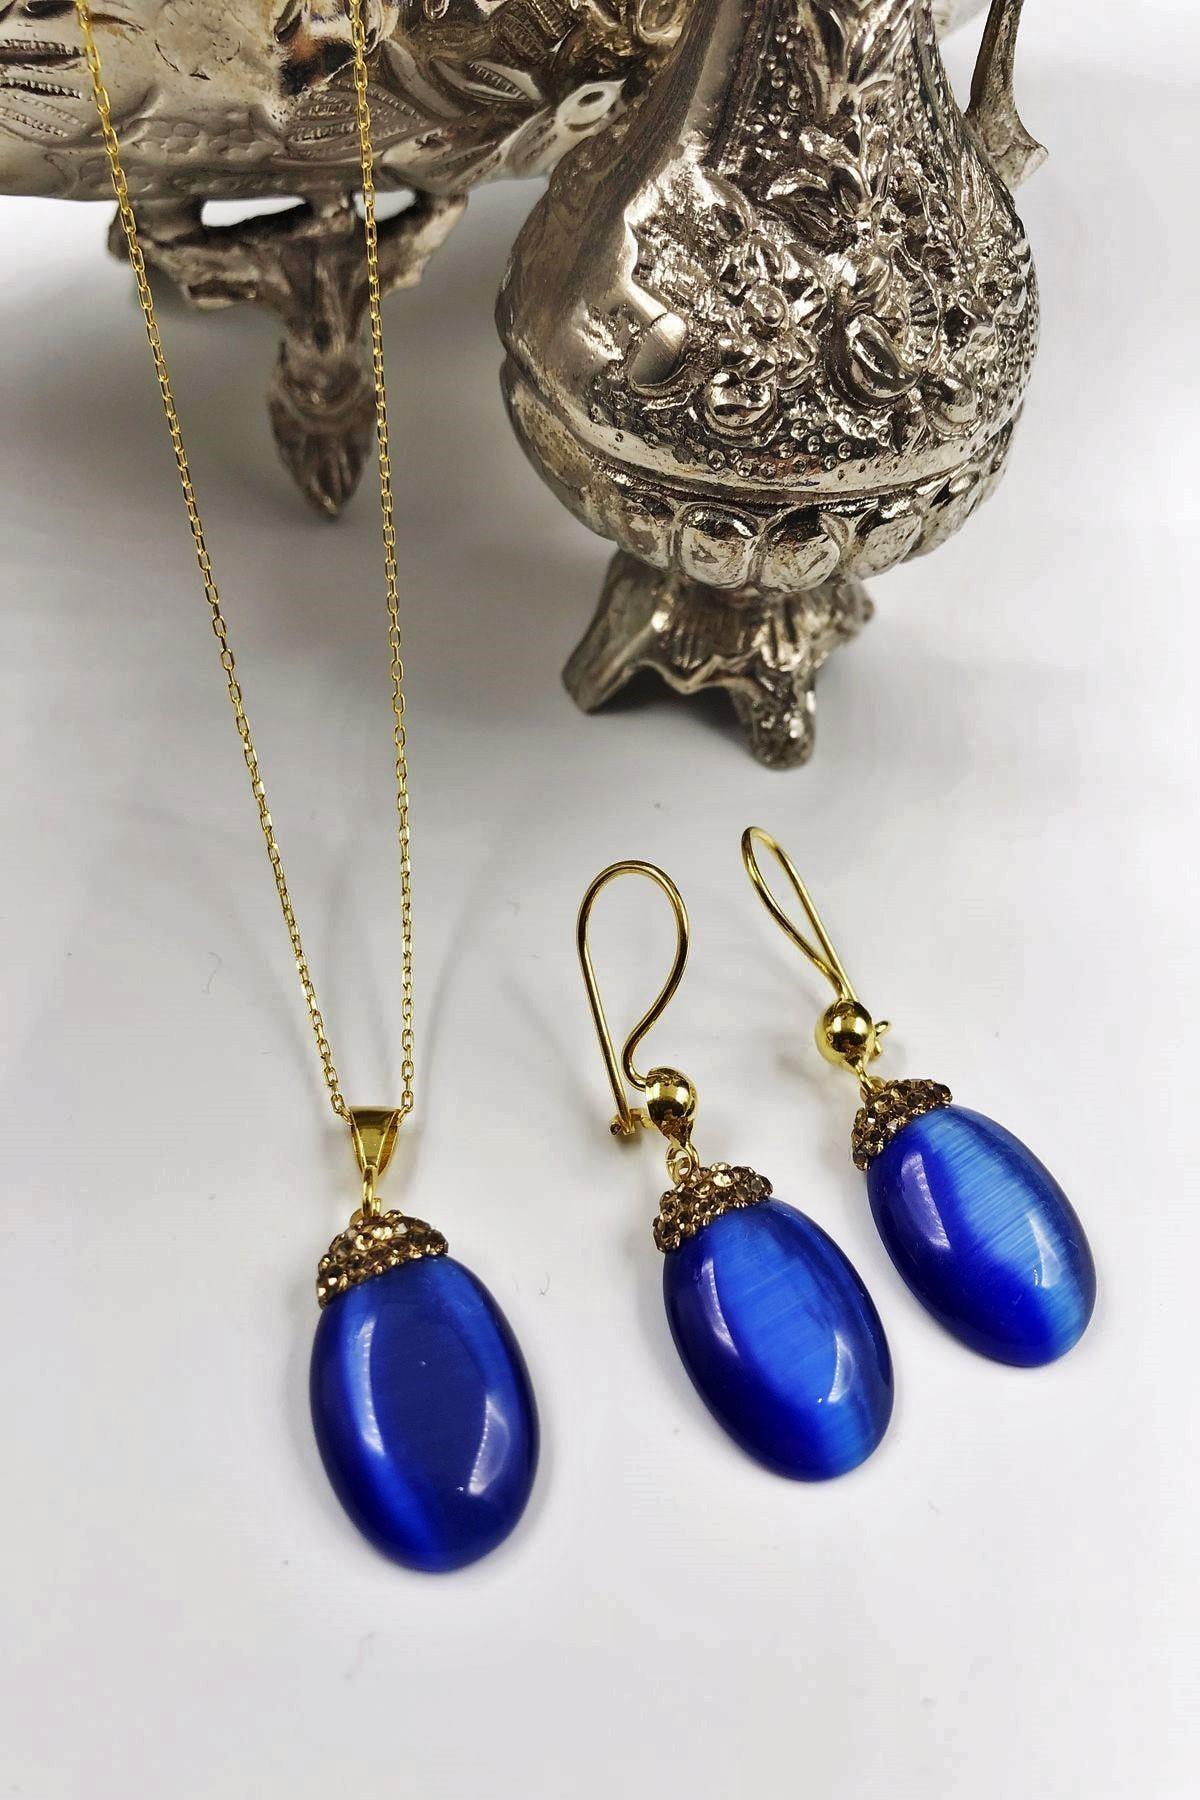 Dr. Stone Dr Stone Harem Koleksiyonu Kedigözü Taşı El Yapımı 925 Ayar Gümüş Set Gdr6 1